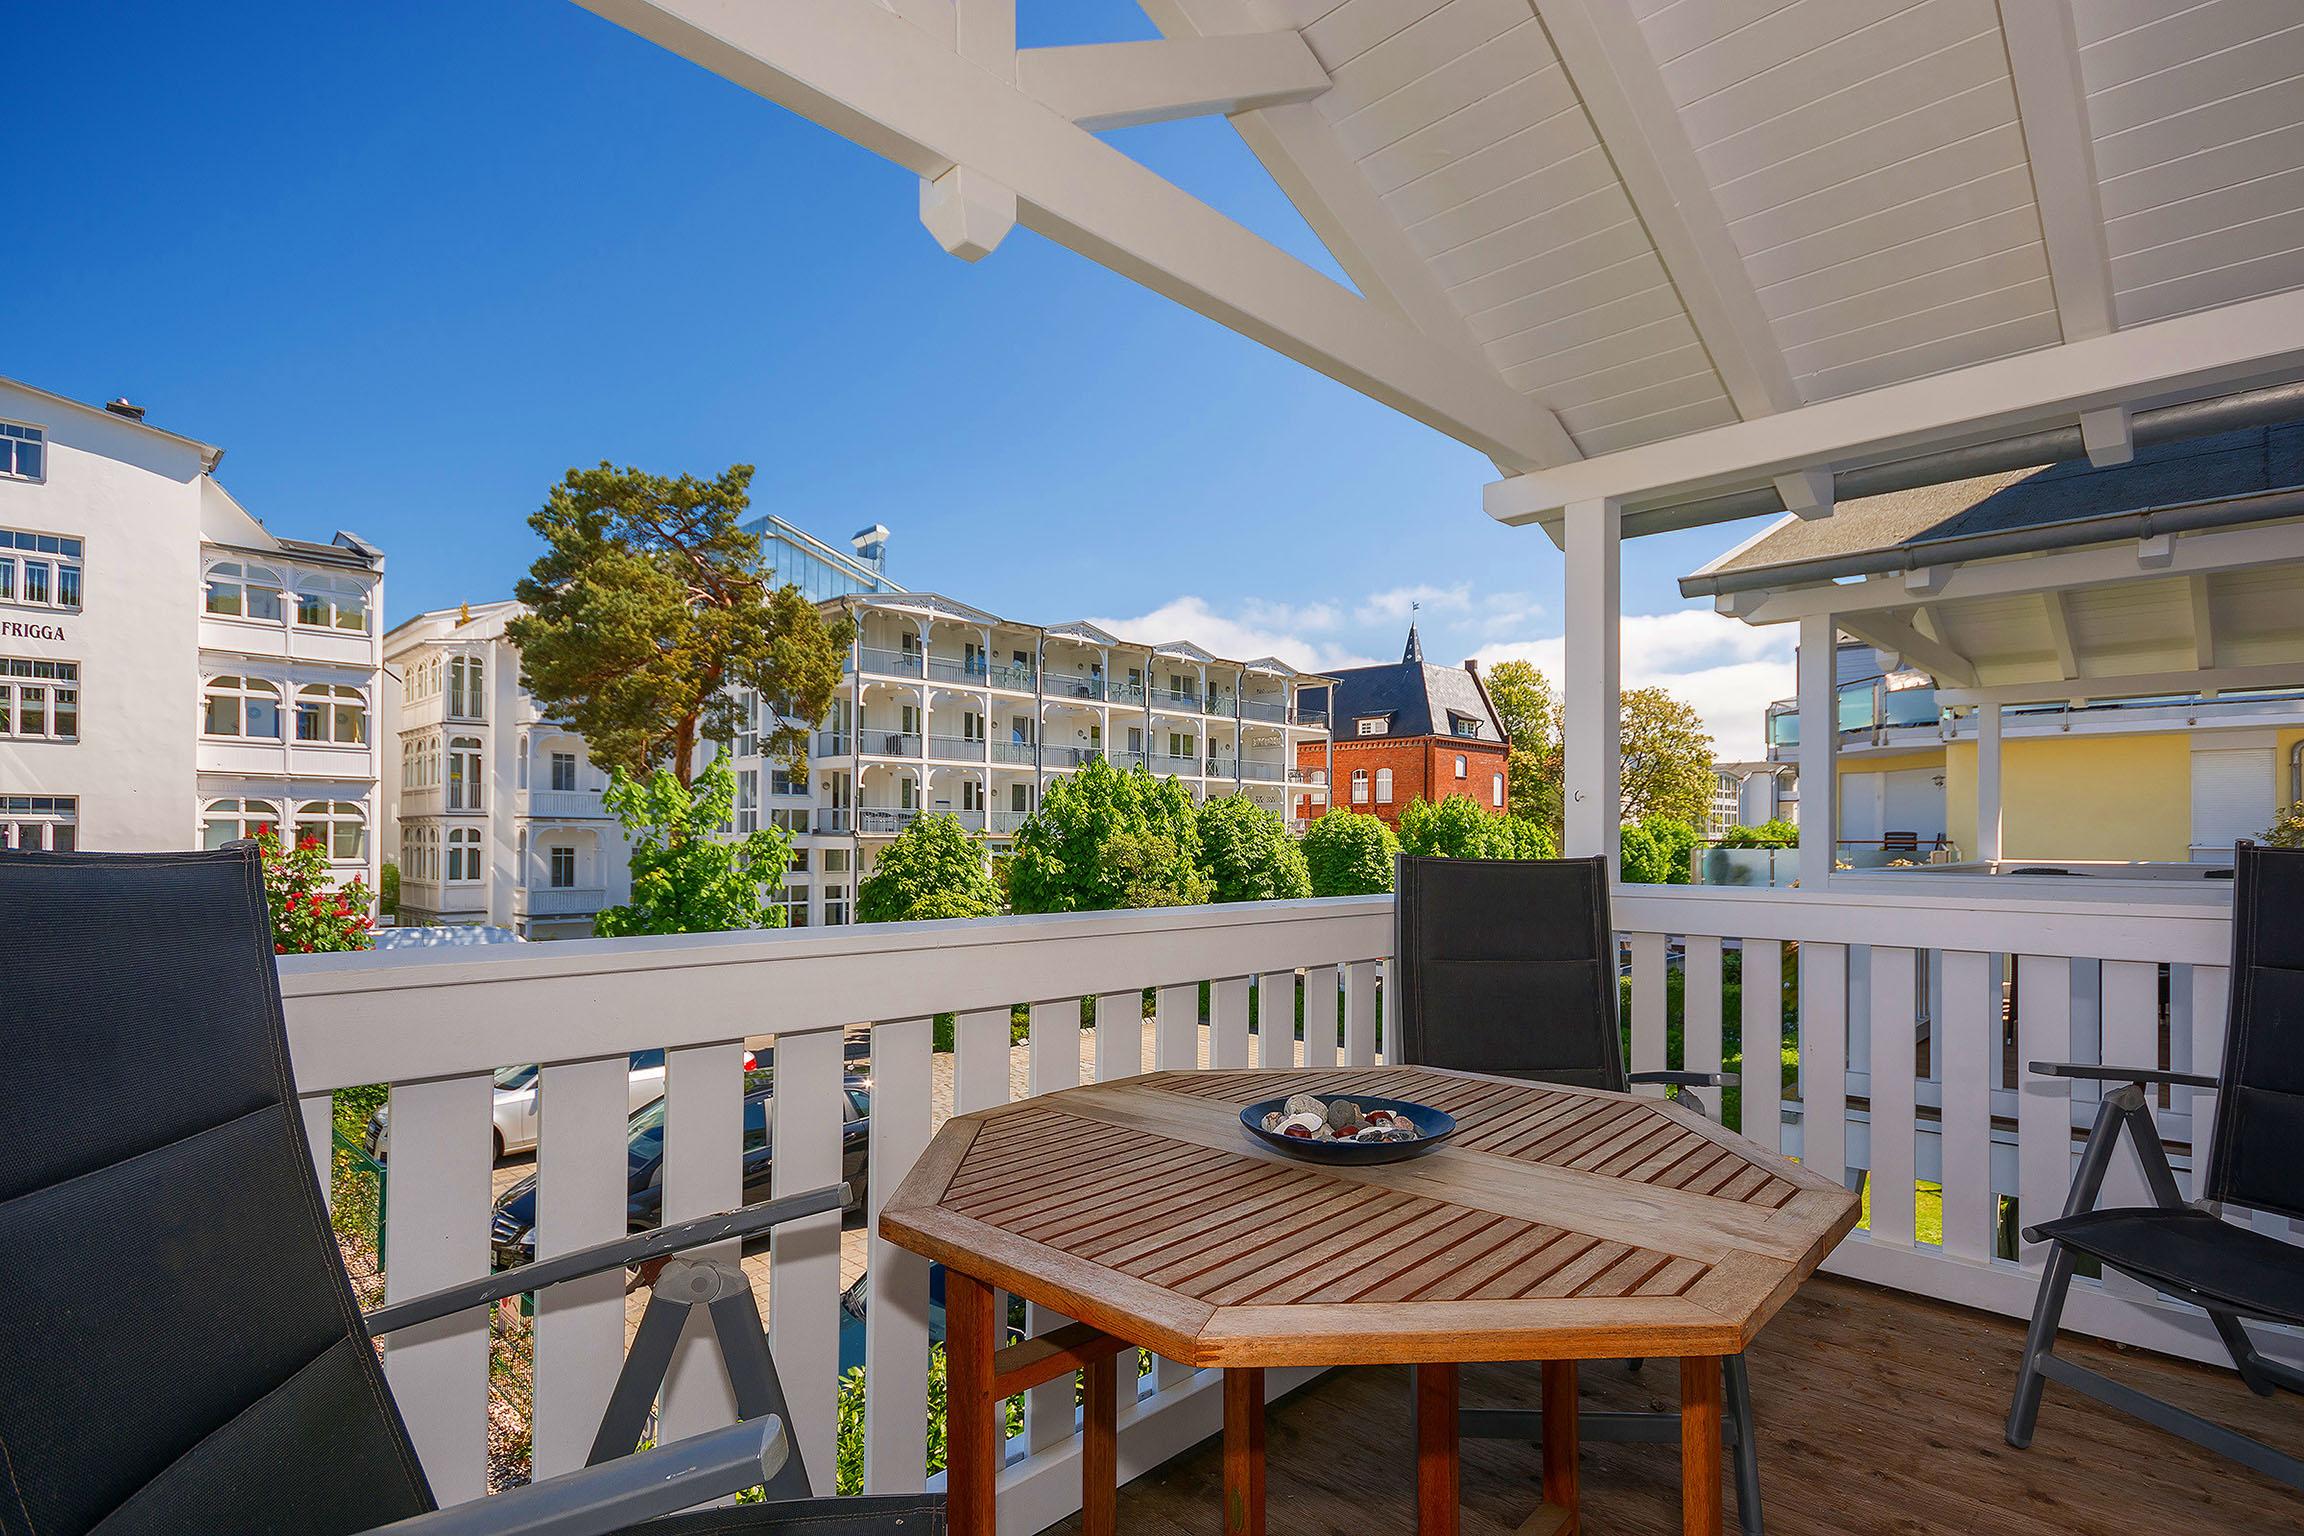 Resid. Prorer Wiek, App. 10, strandnah in Binz, möbl. Balkon